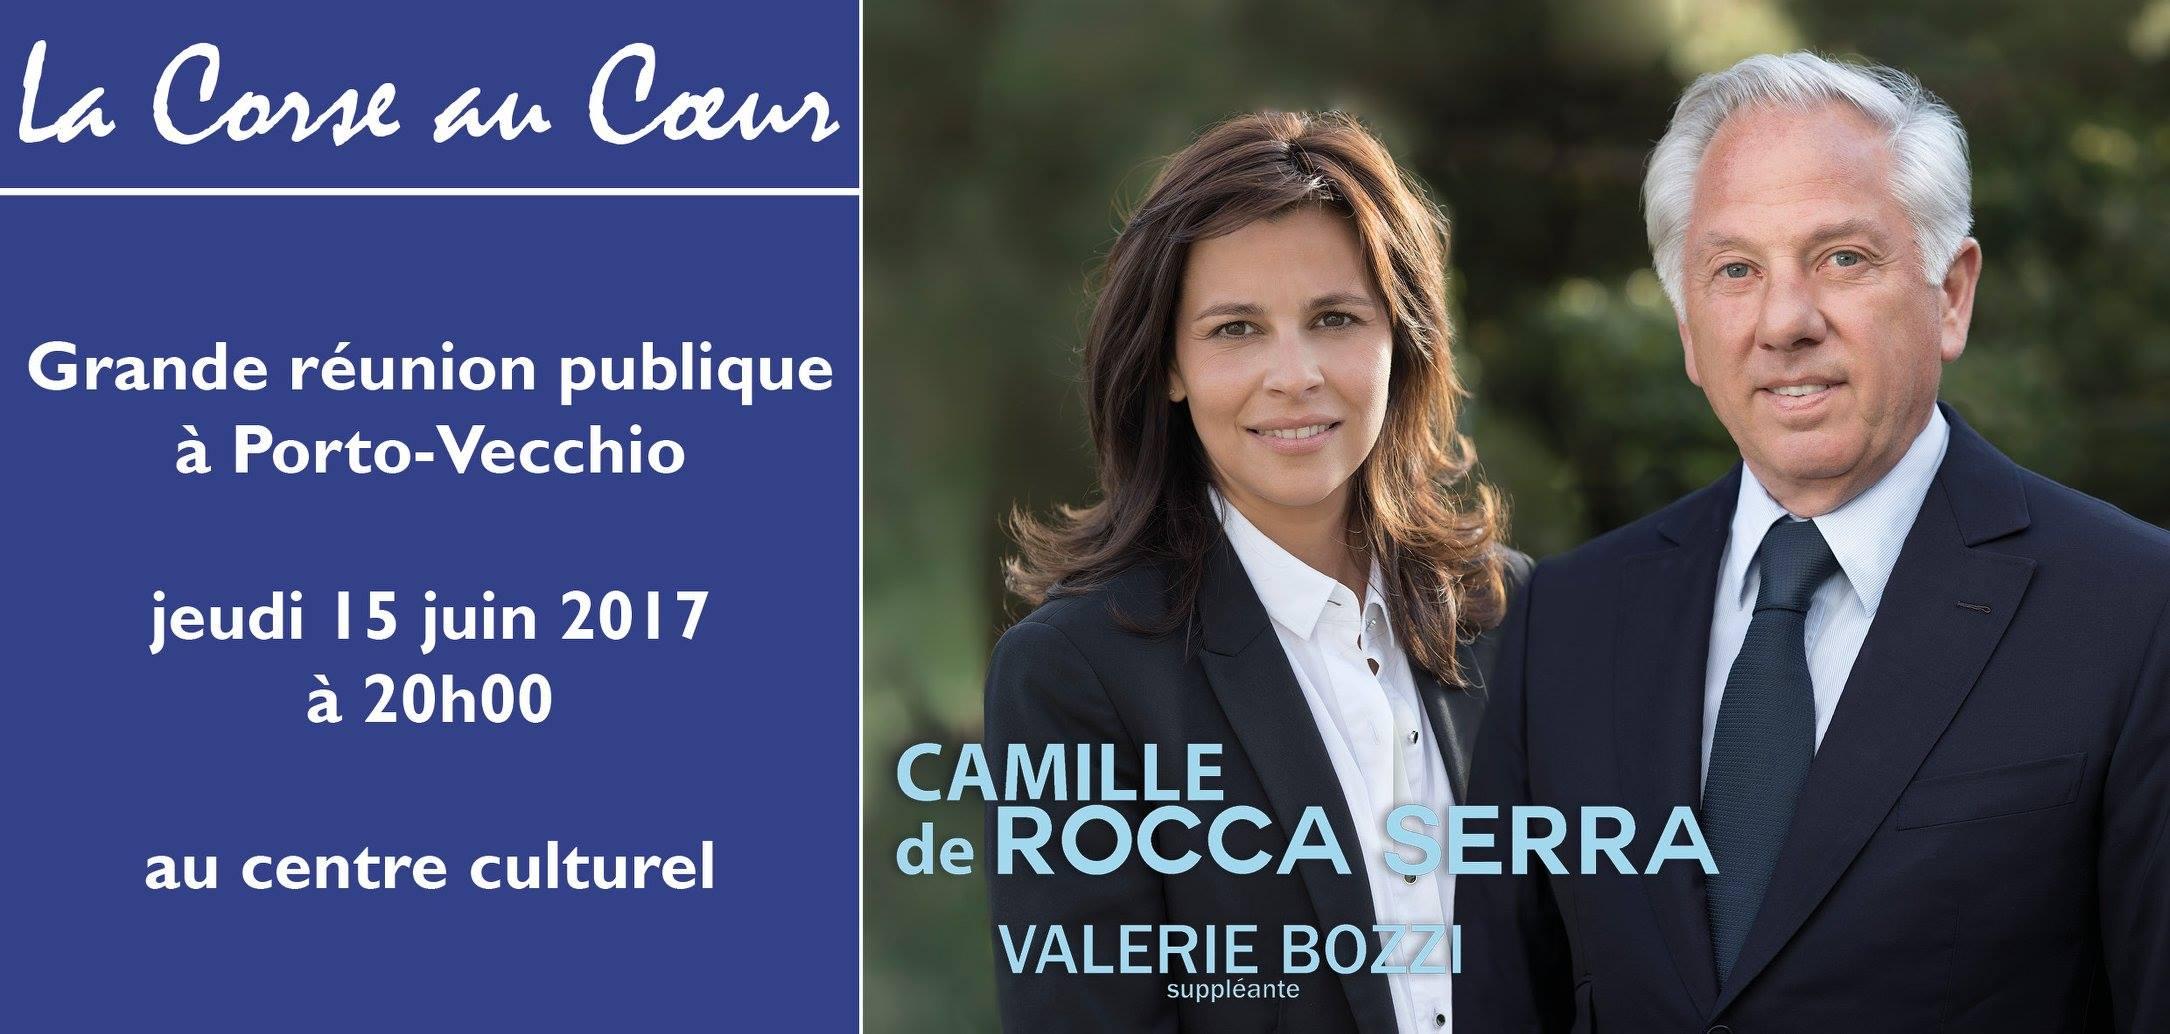 Législatives : meeting d'entre-deux-tours pour Camille De Rocca Serra